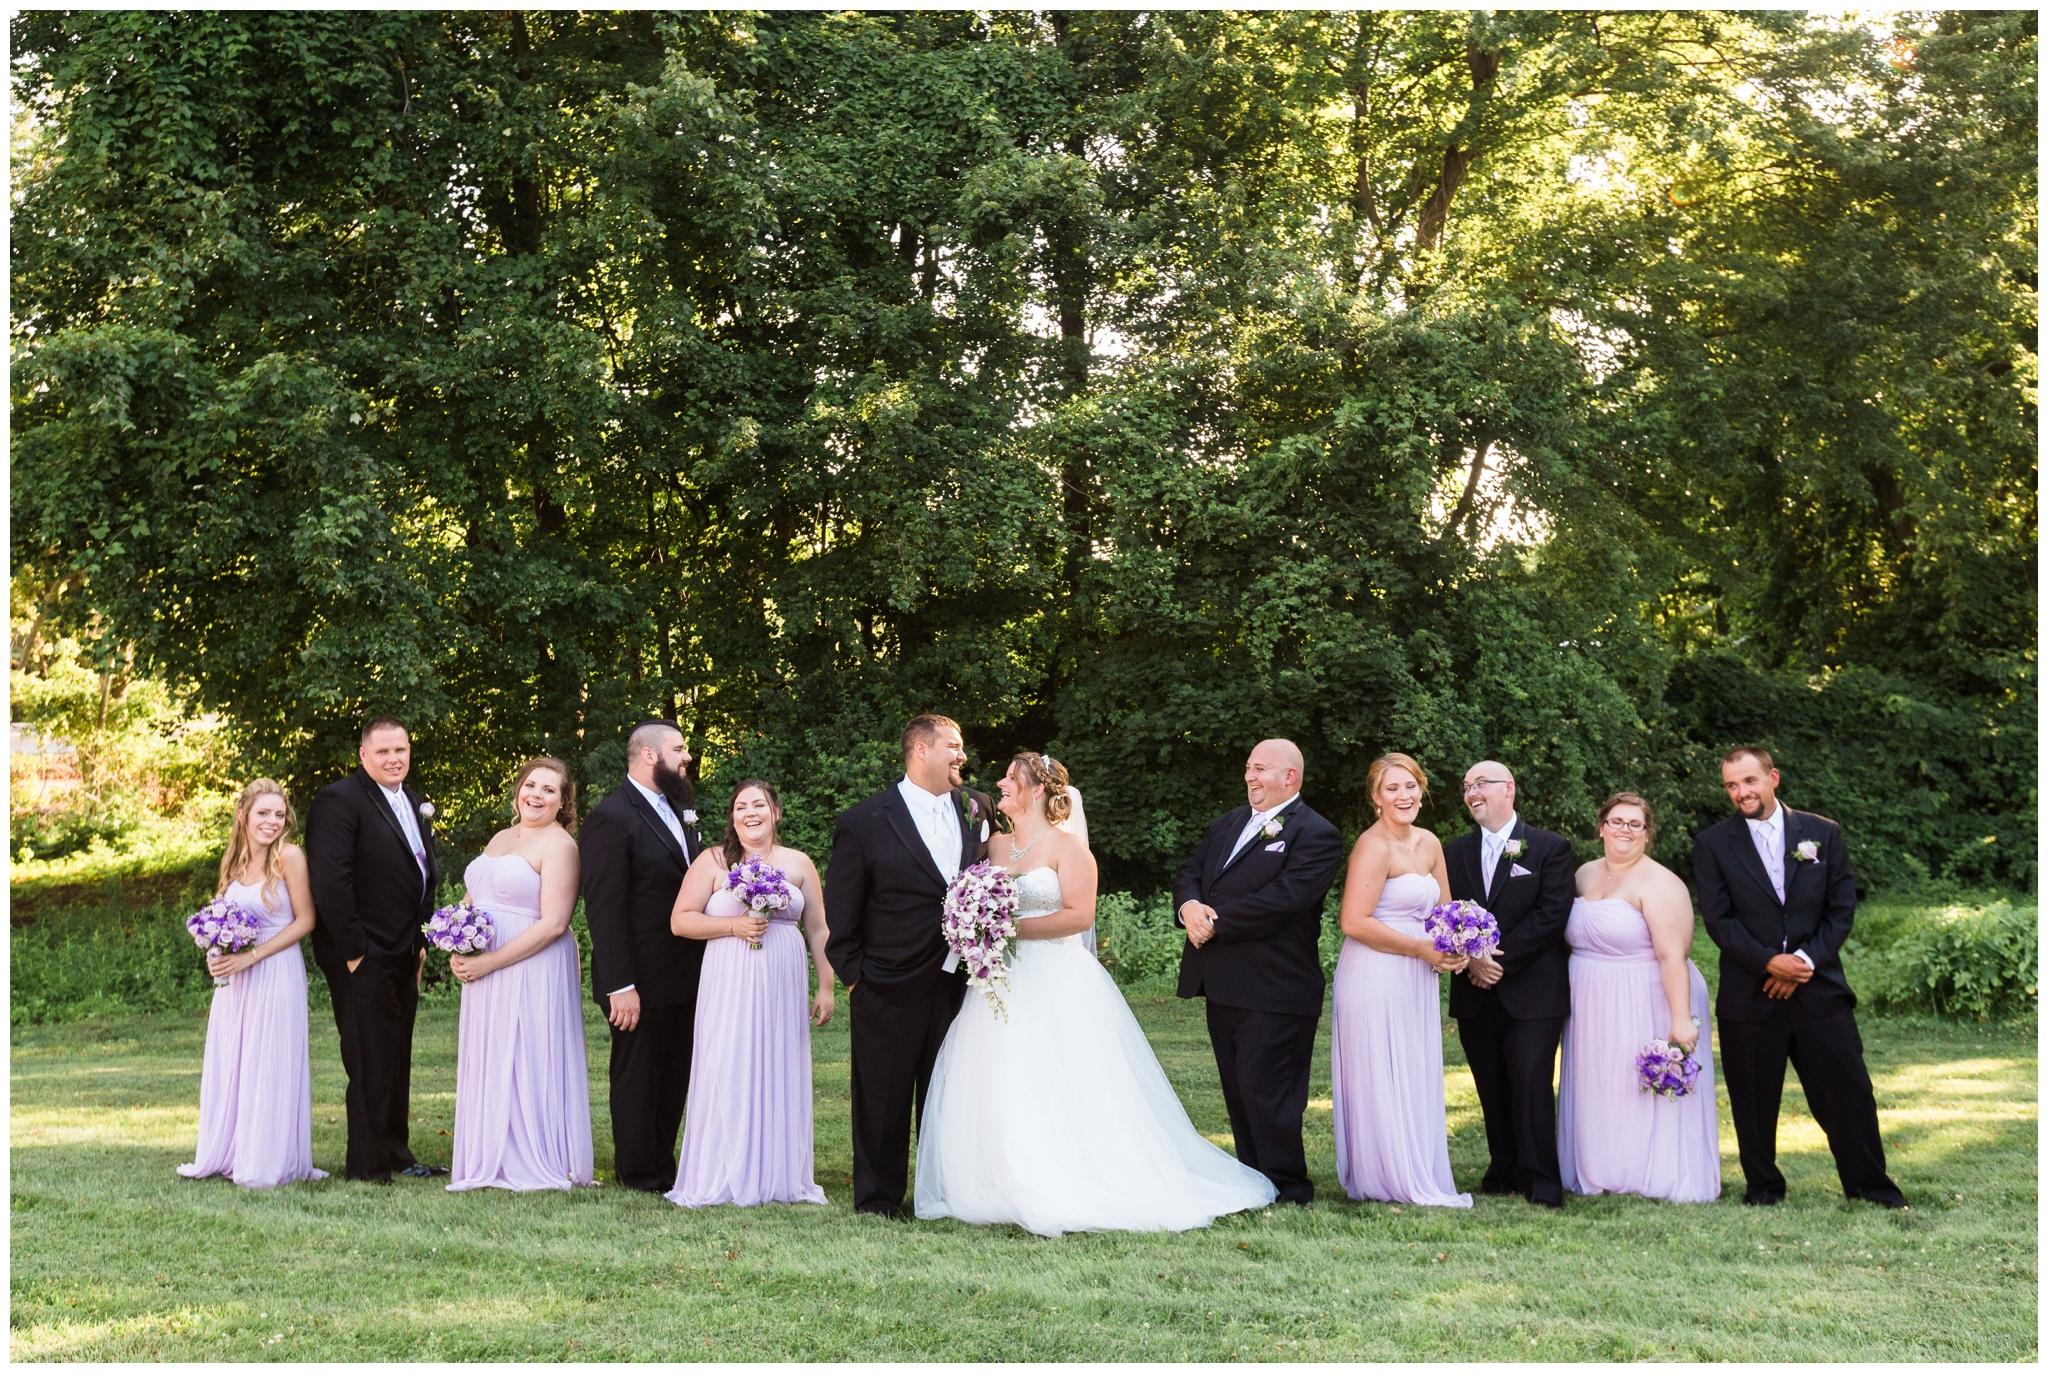 emily grace photography lancaster pa wedding photographer moonstone manor wedding